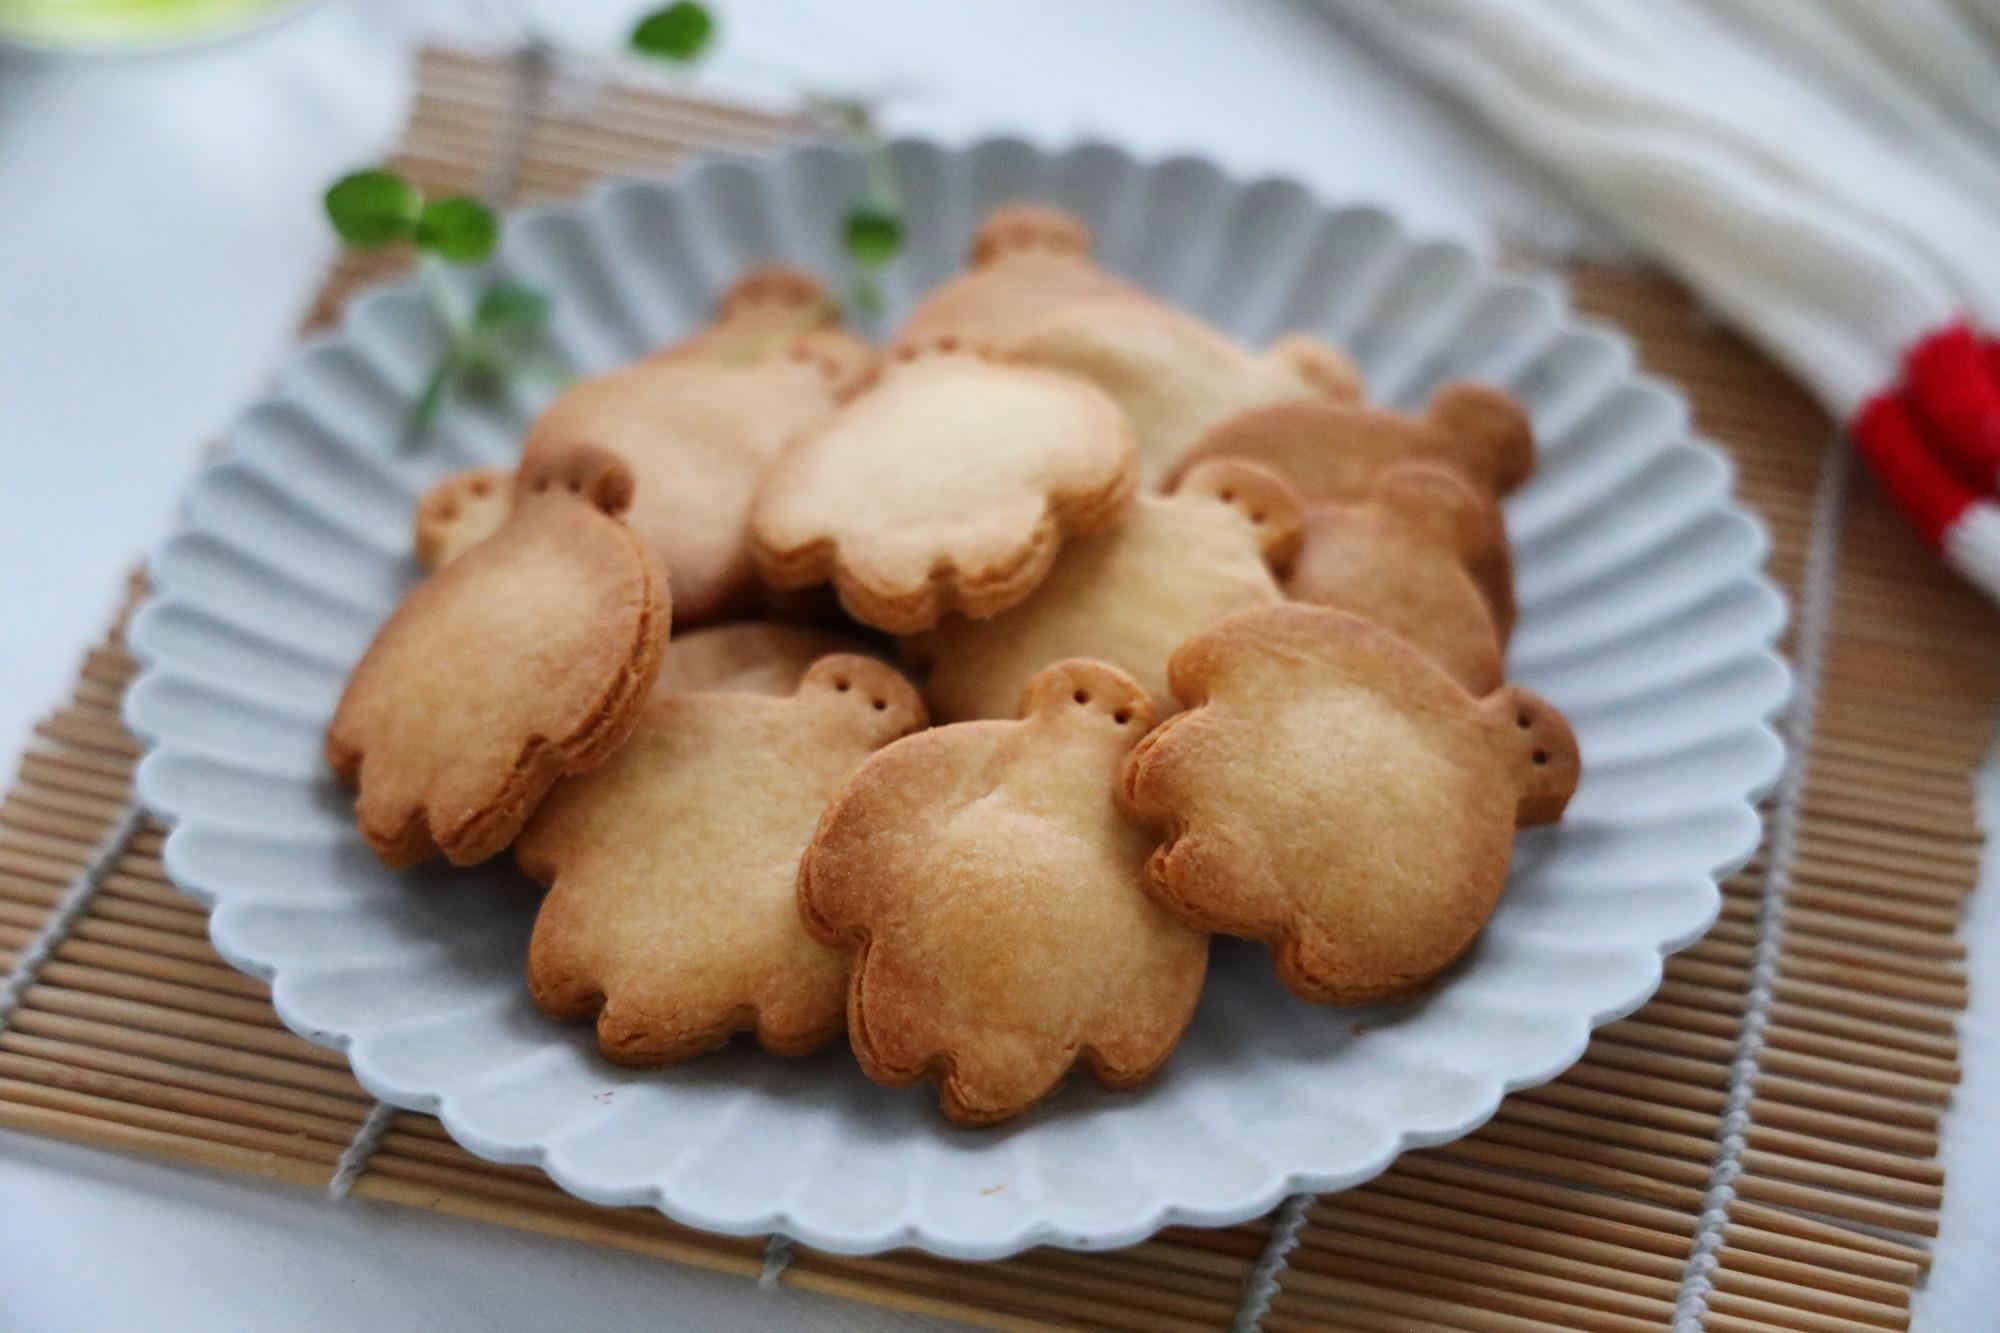 国庆在家,跟孩子DIY手工饼干,香甜酥脆,配料少,简单无难度